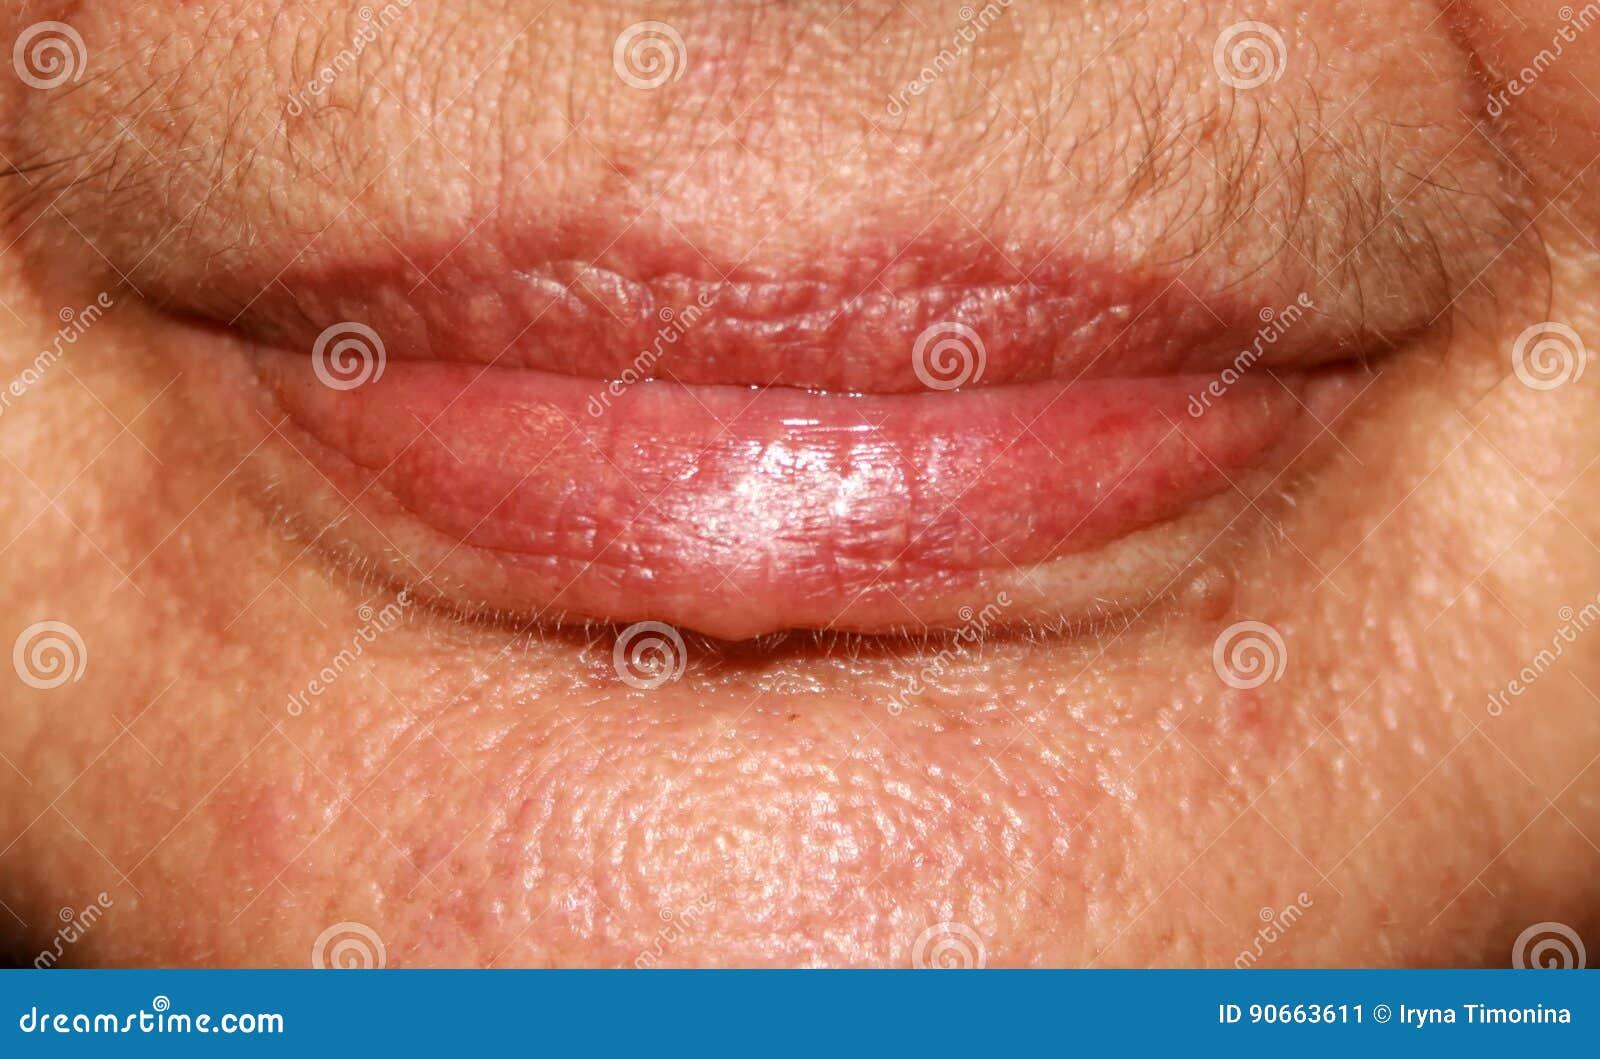 Bordos silicone Dobras Nasolabial Enrugamentos em torno da boca